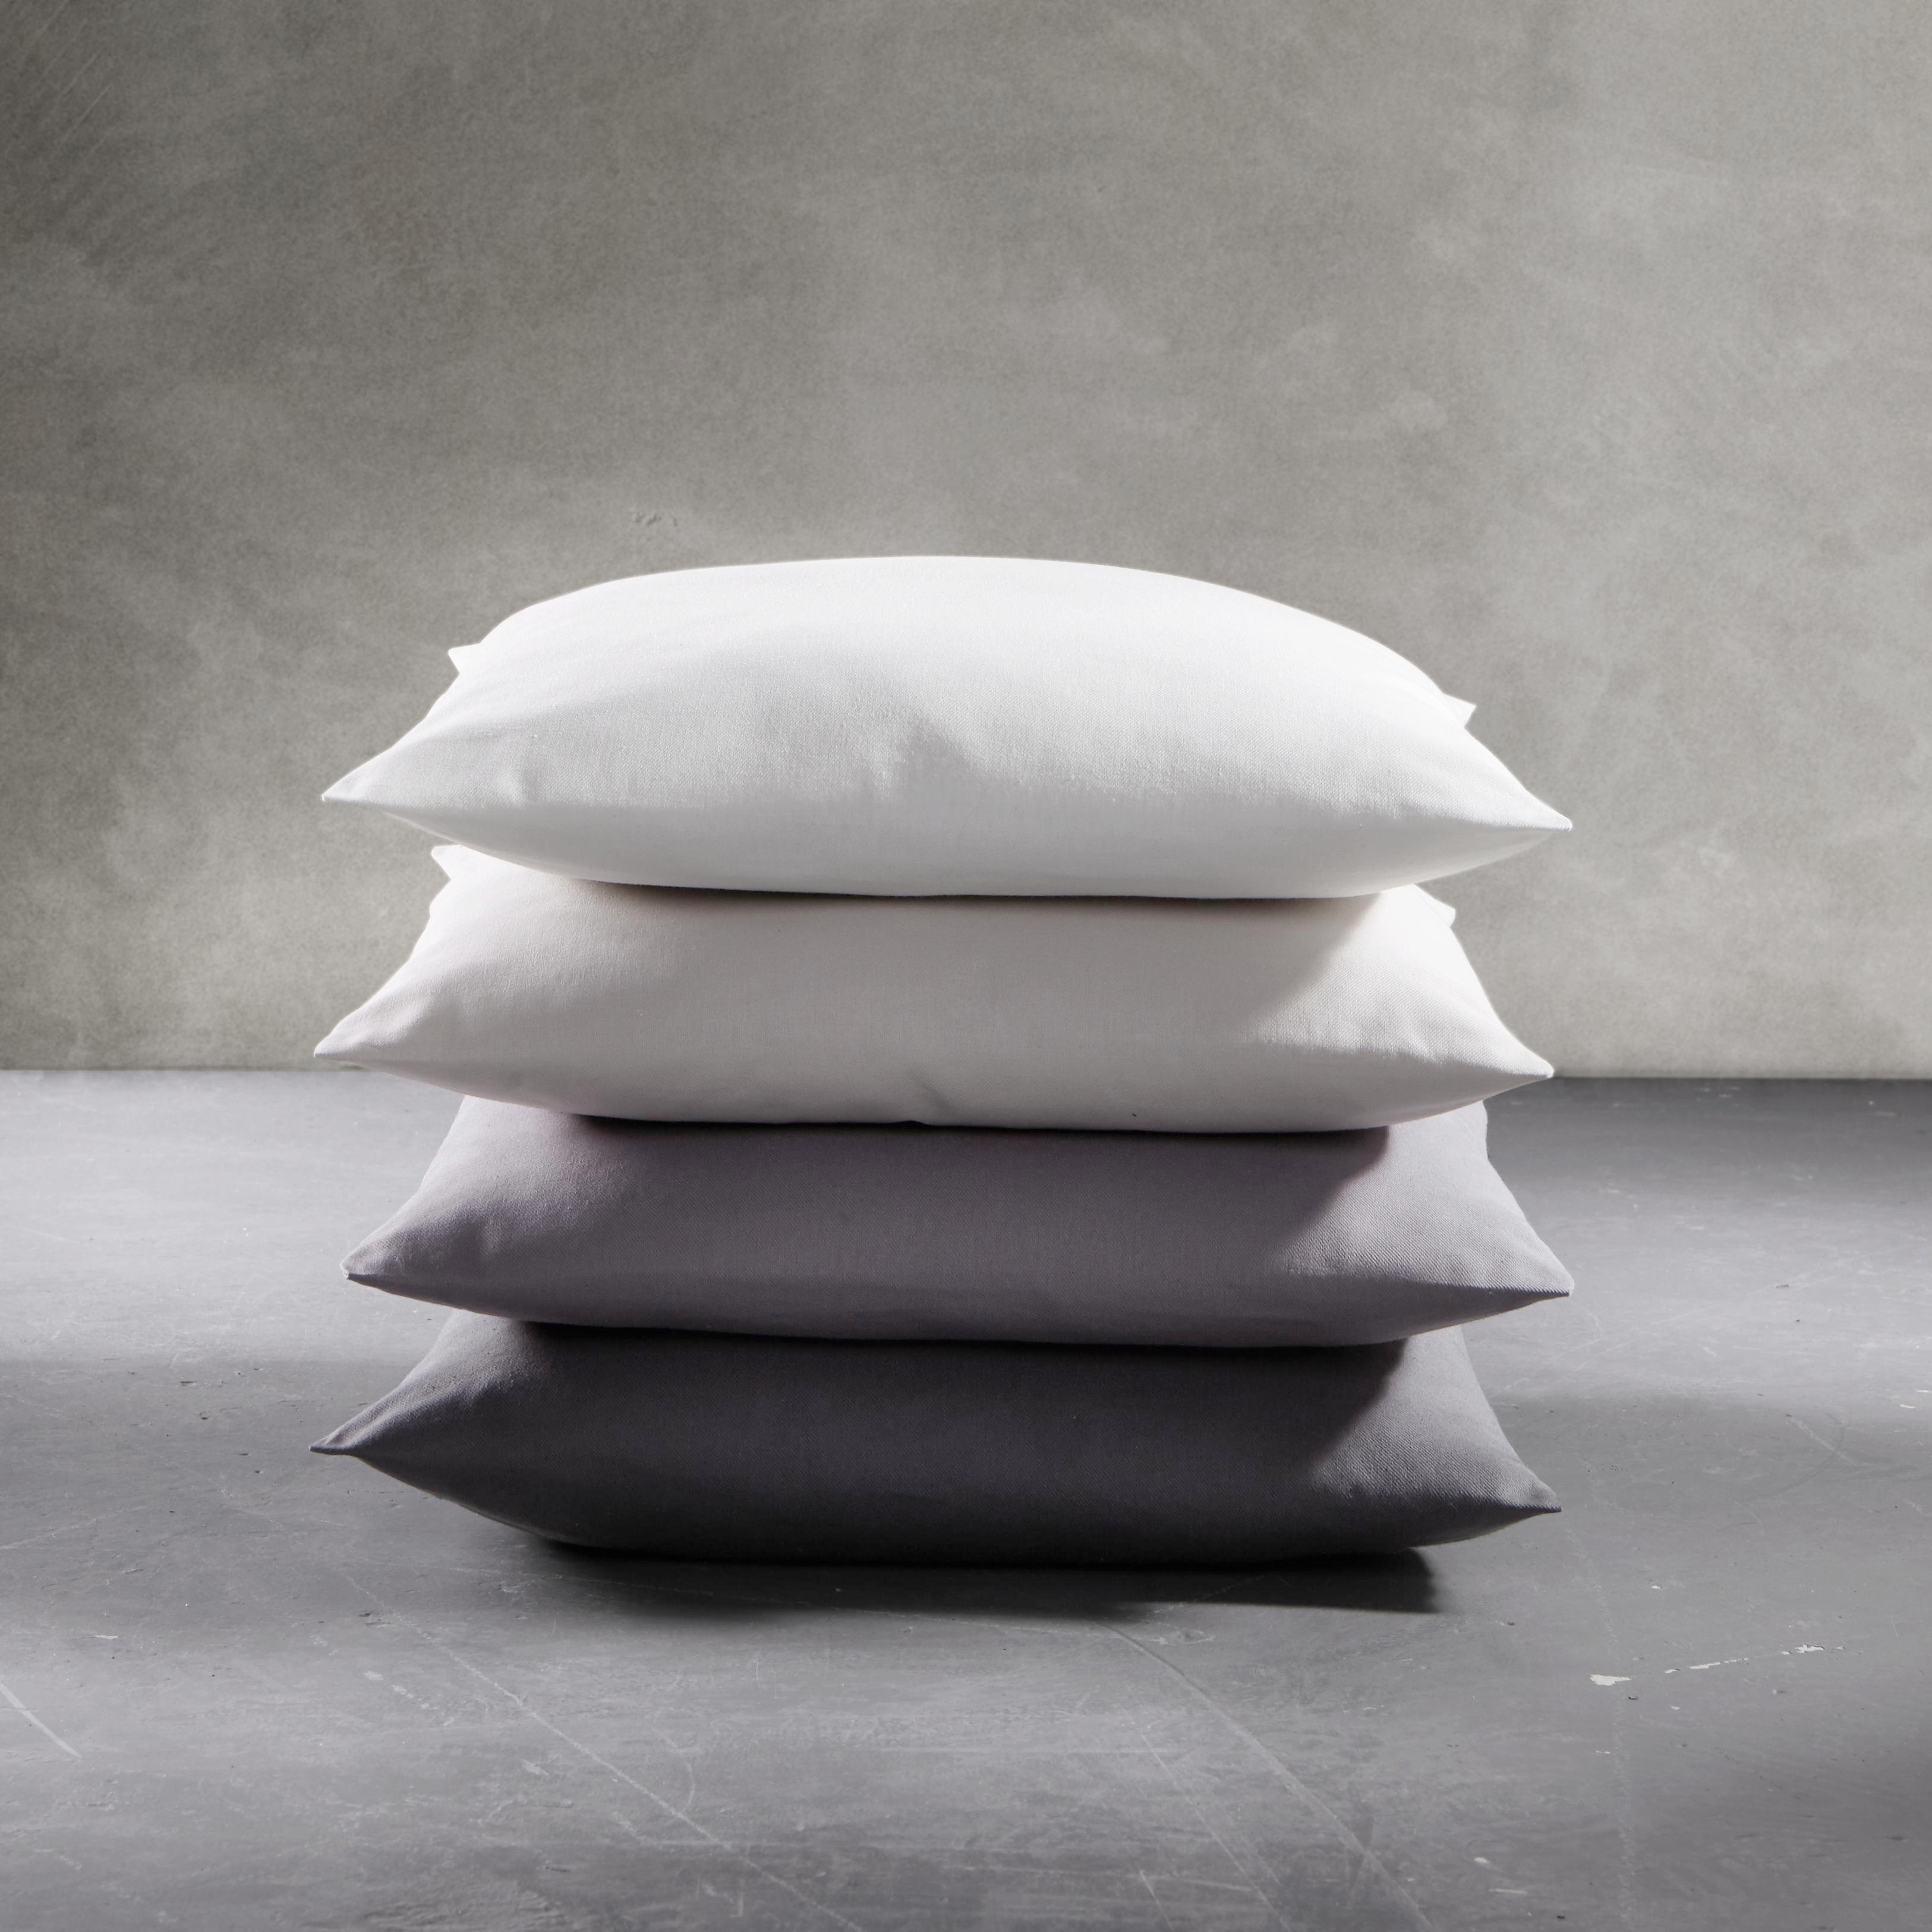 Zierkissen Diane 50x50cm - Naturfarben, KONVENTIONELL, Textil (50/50cm) - MÖMAX modern living